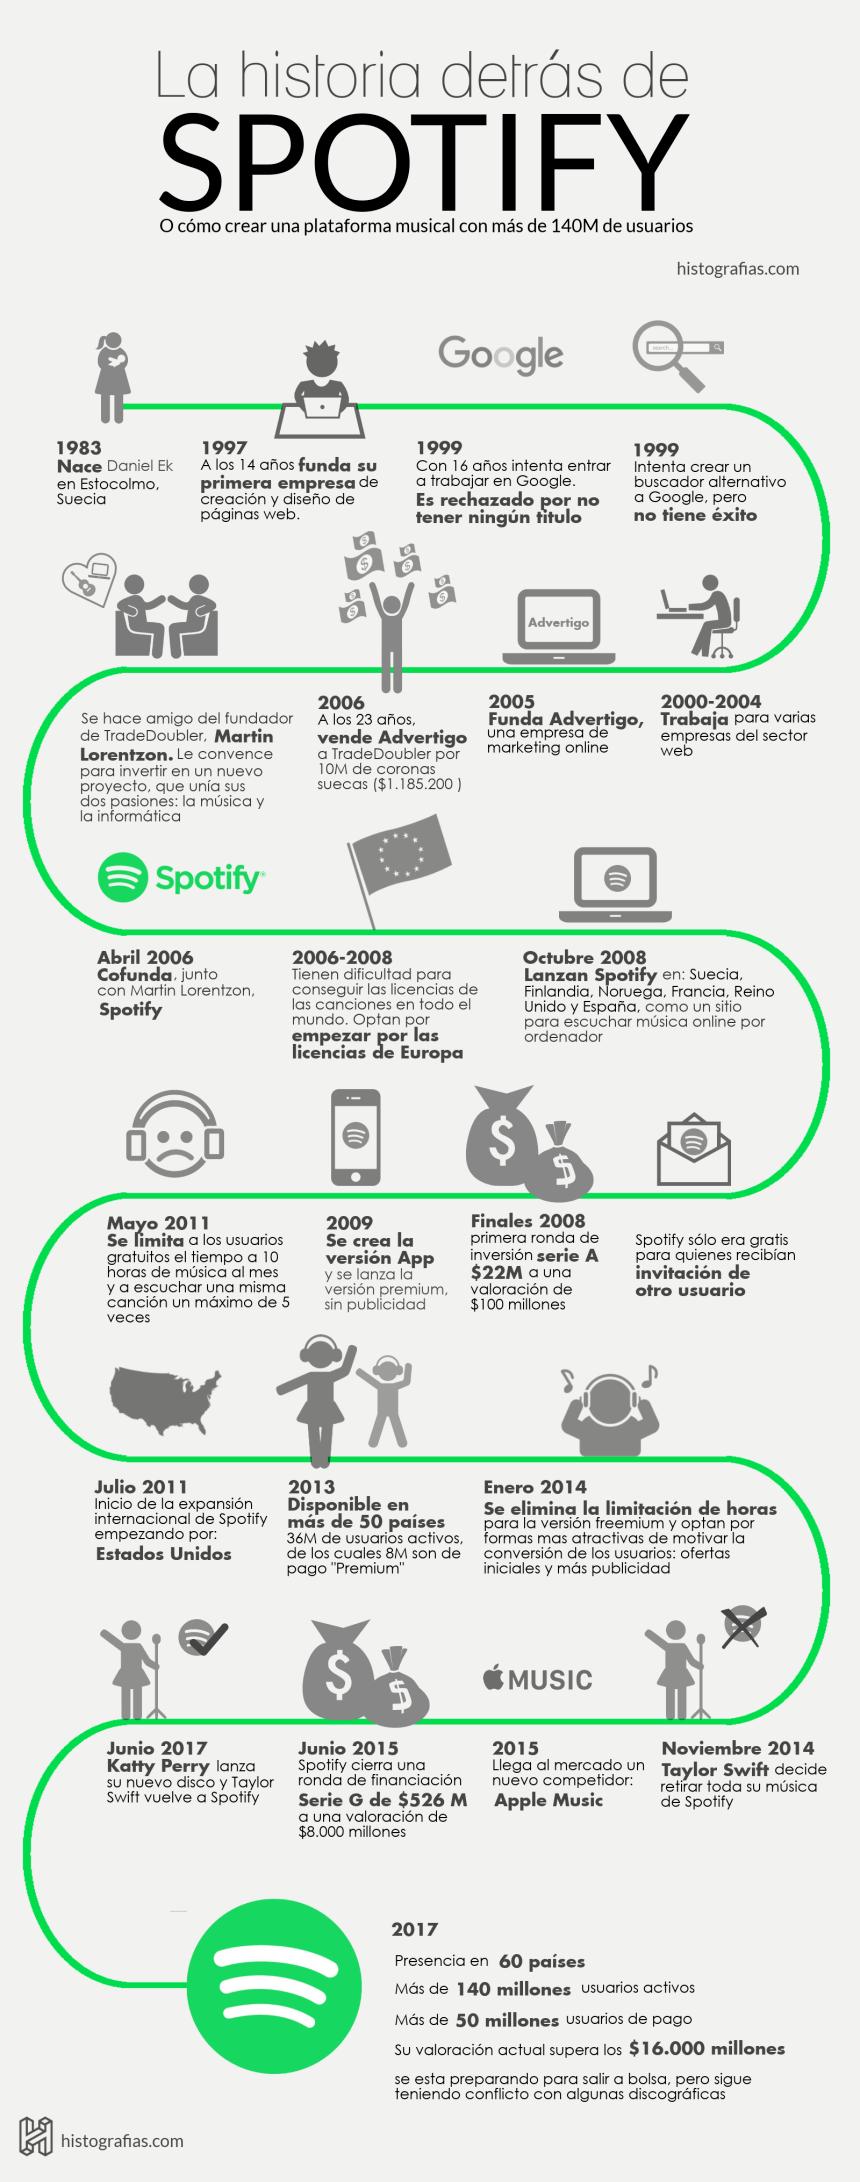 Historia de Spotify #infografia #infographic #música